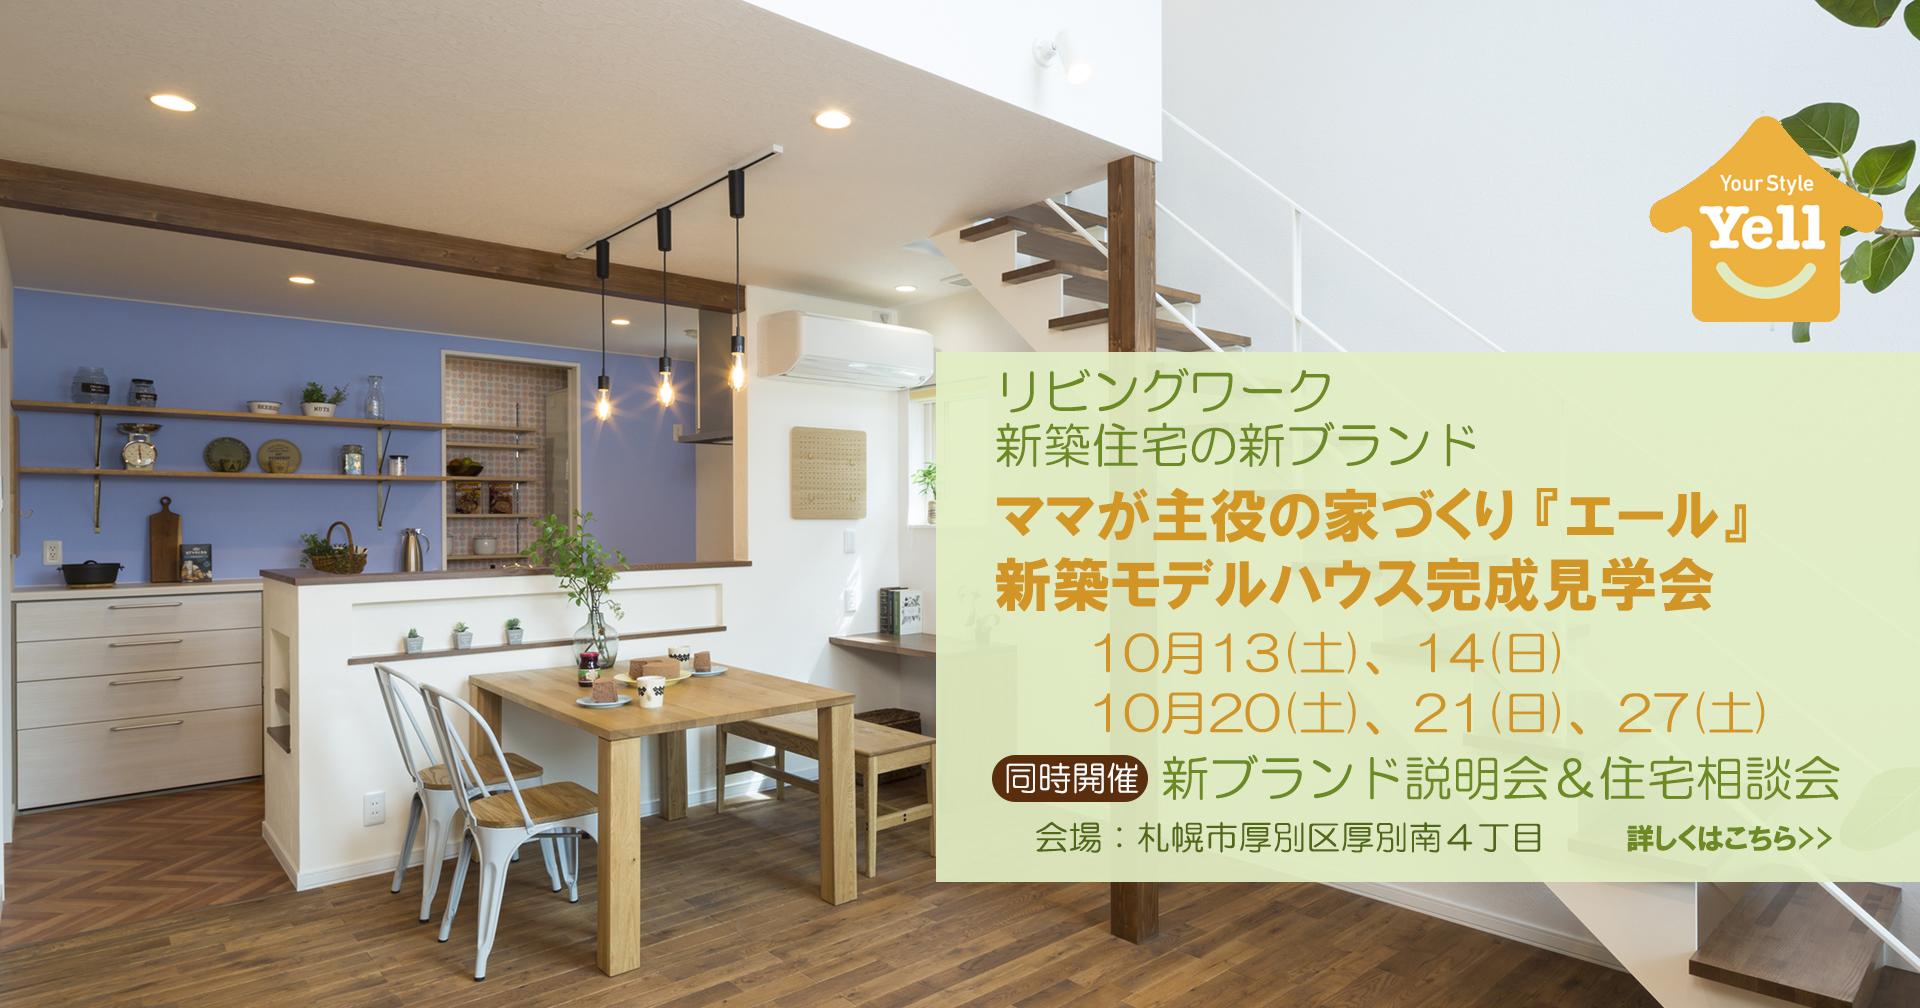 新築モデルハウス エール 完成見学会